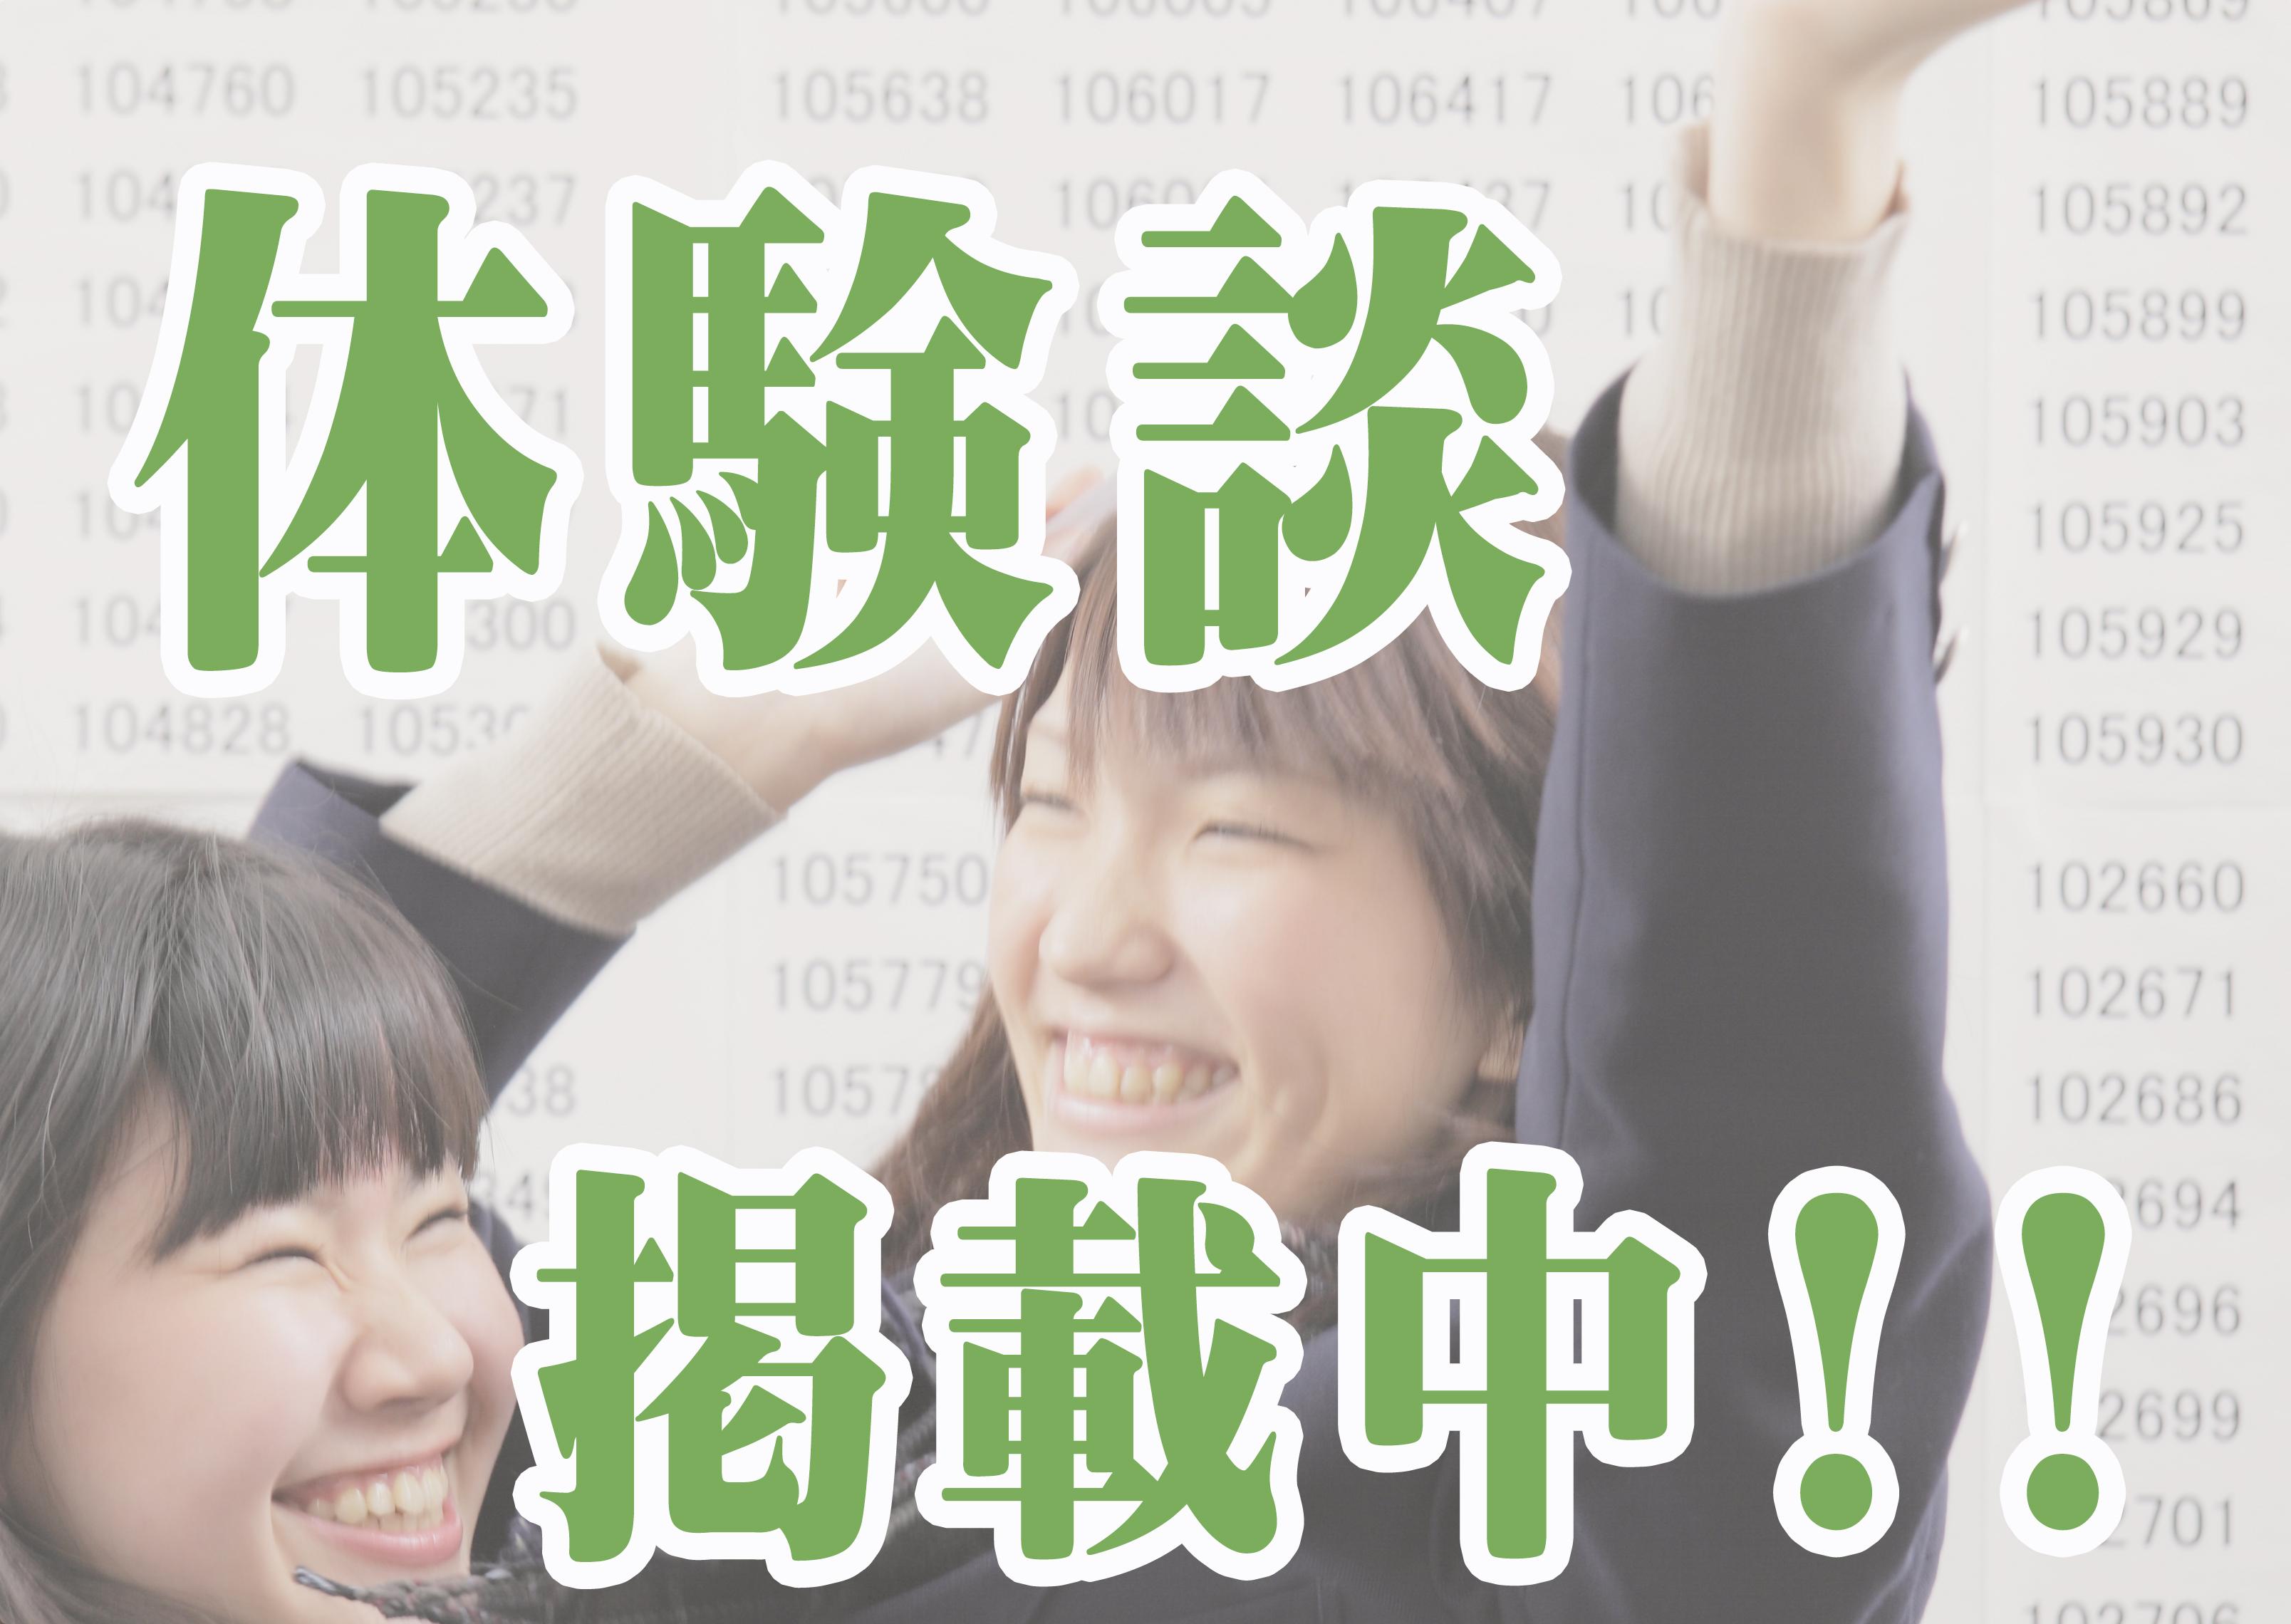 難関私大文系専門 増田塾 公式ホームページ